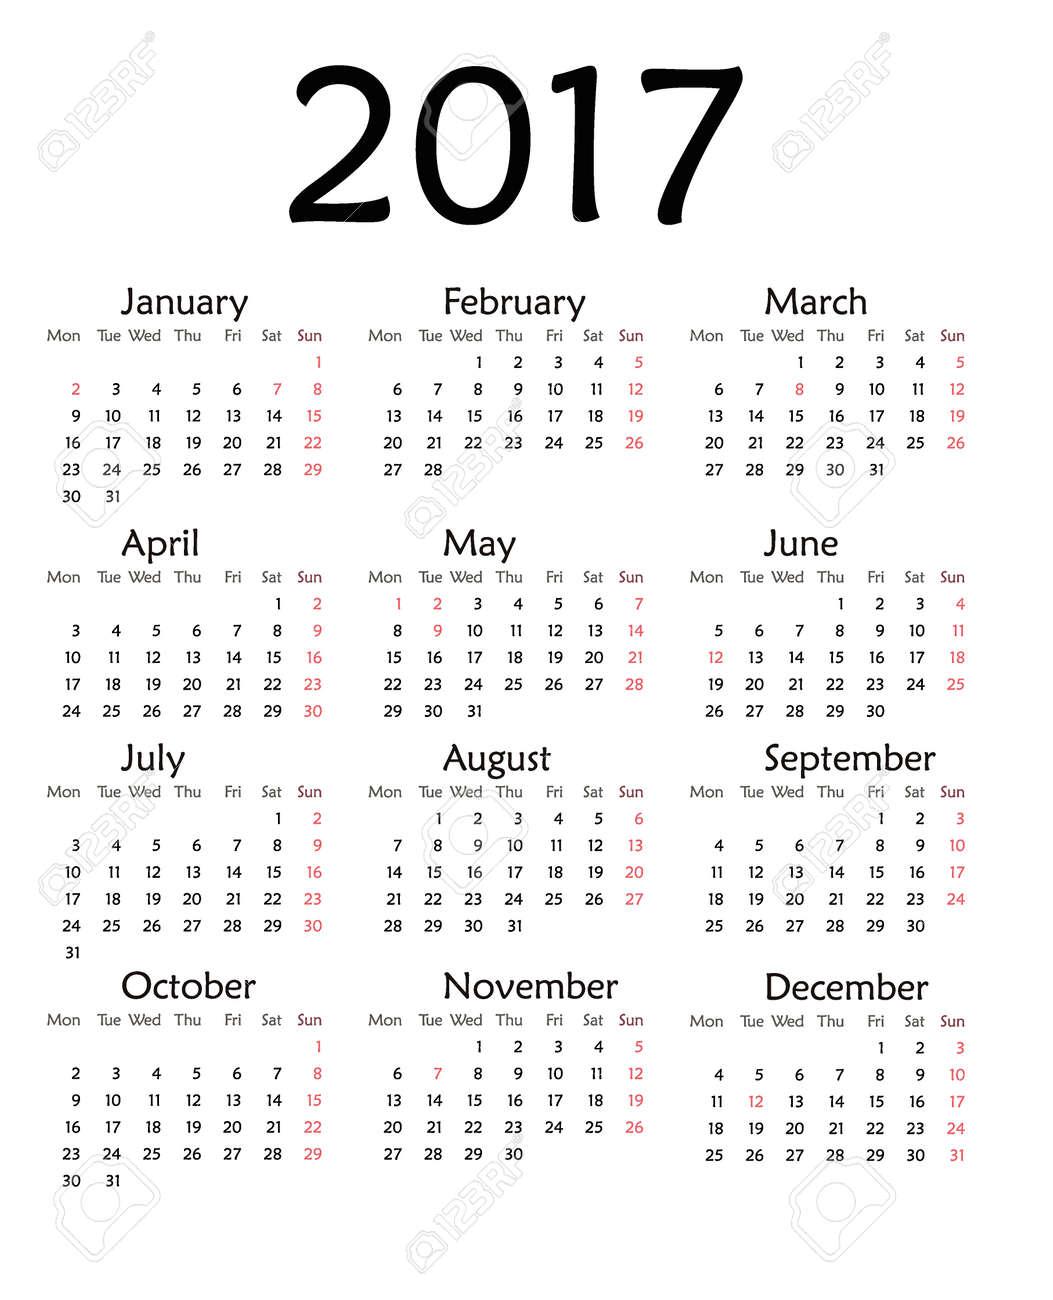 2017 年シンプルなカレンダーですベクトル テンプレート デザイン毎月日図 2017年カレンダー主催者単純な週番主催者日 2017 年カレンダー月ビジネス テンプレート デザイン